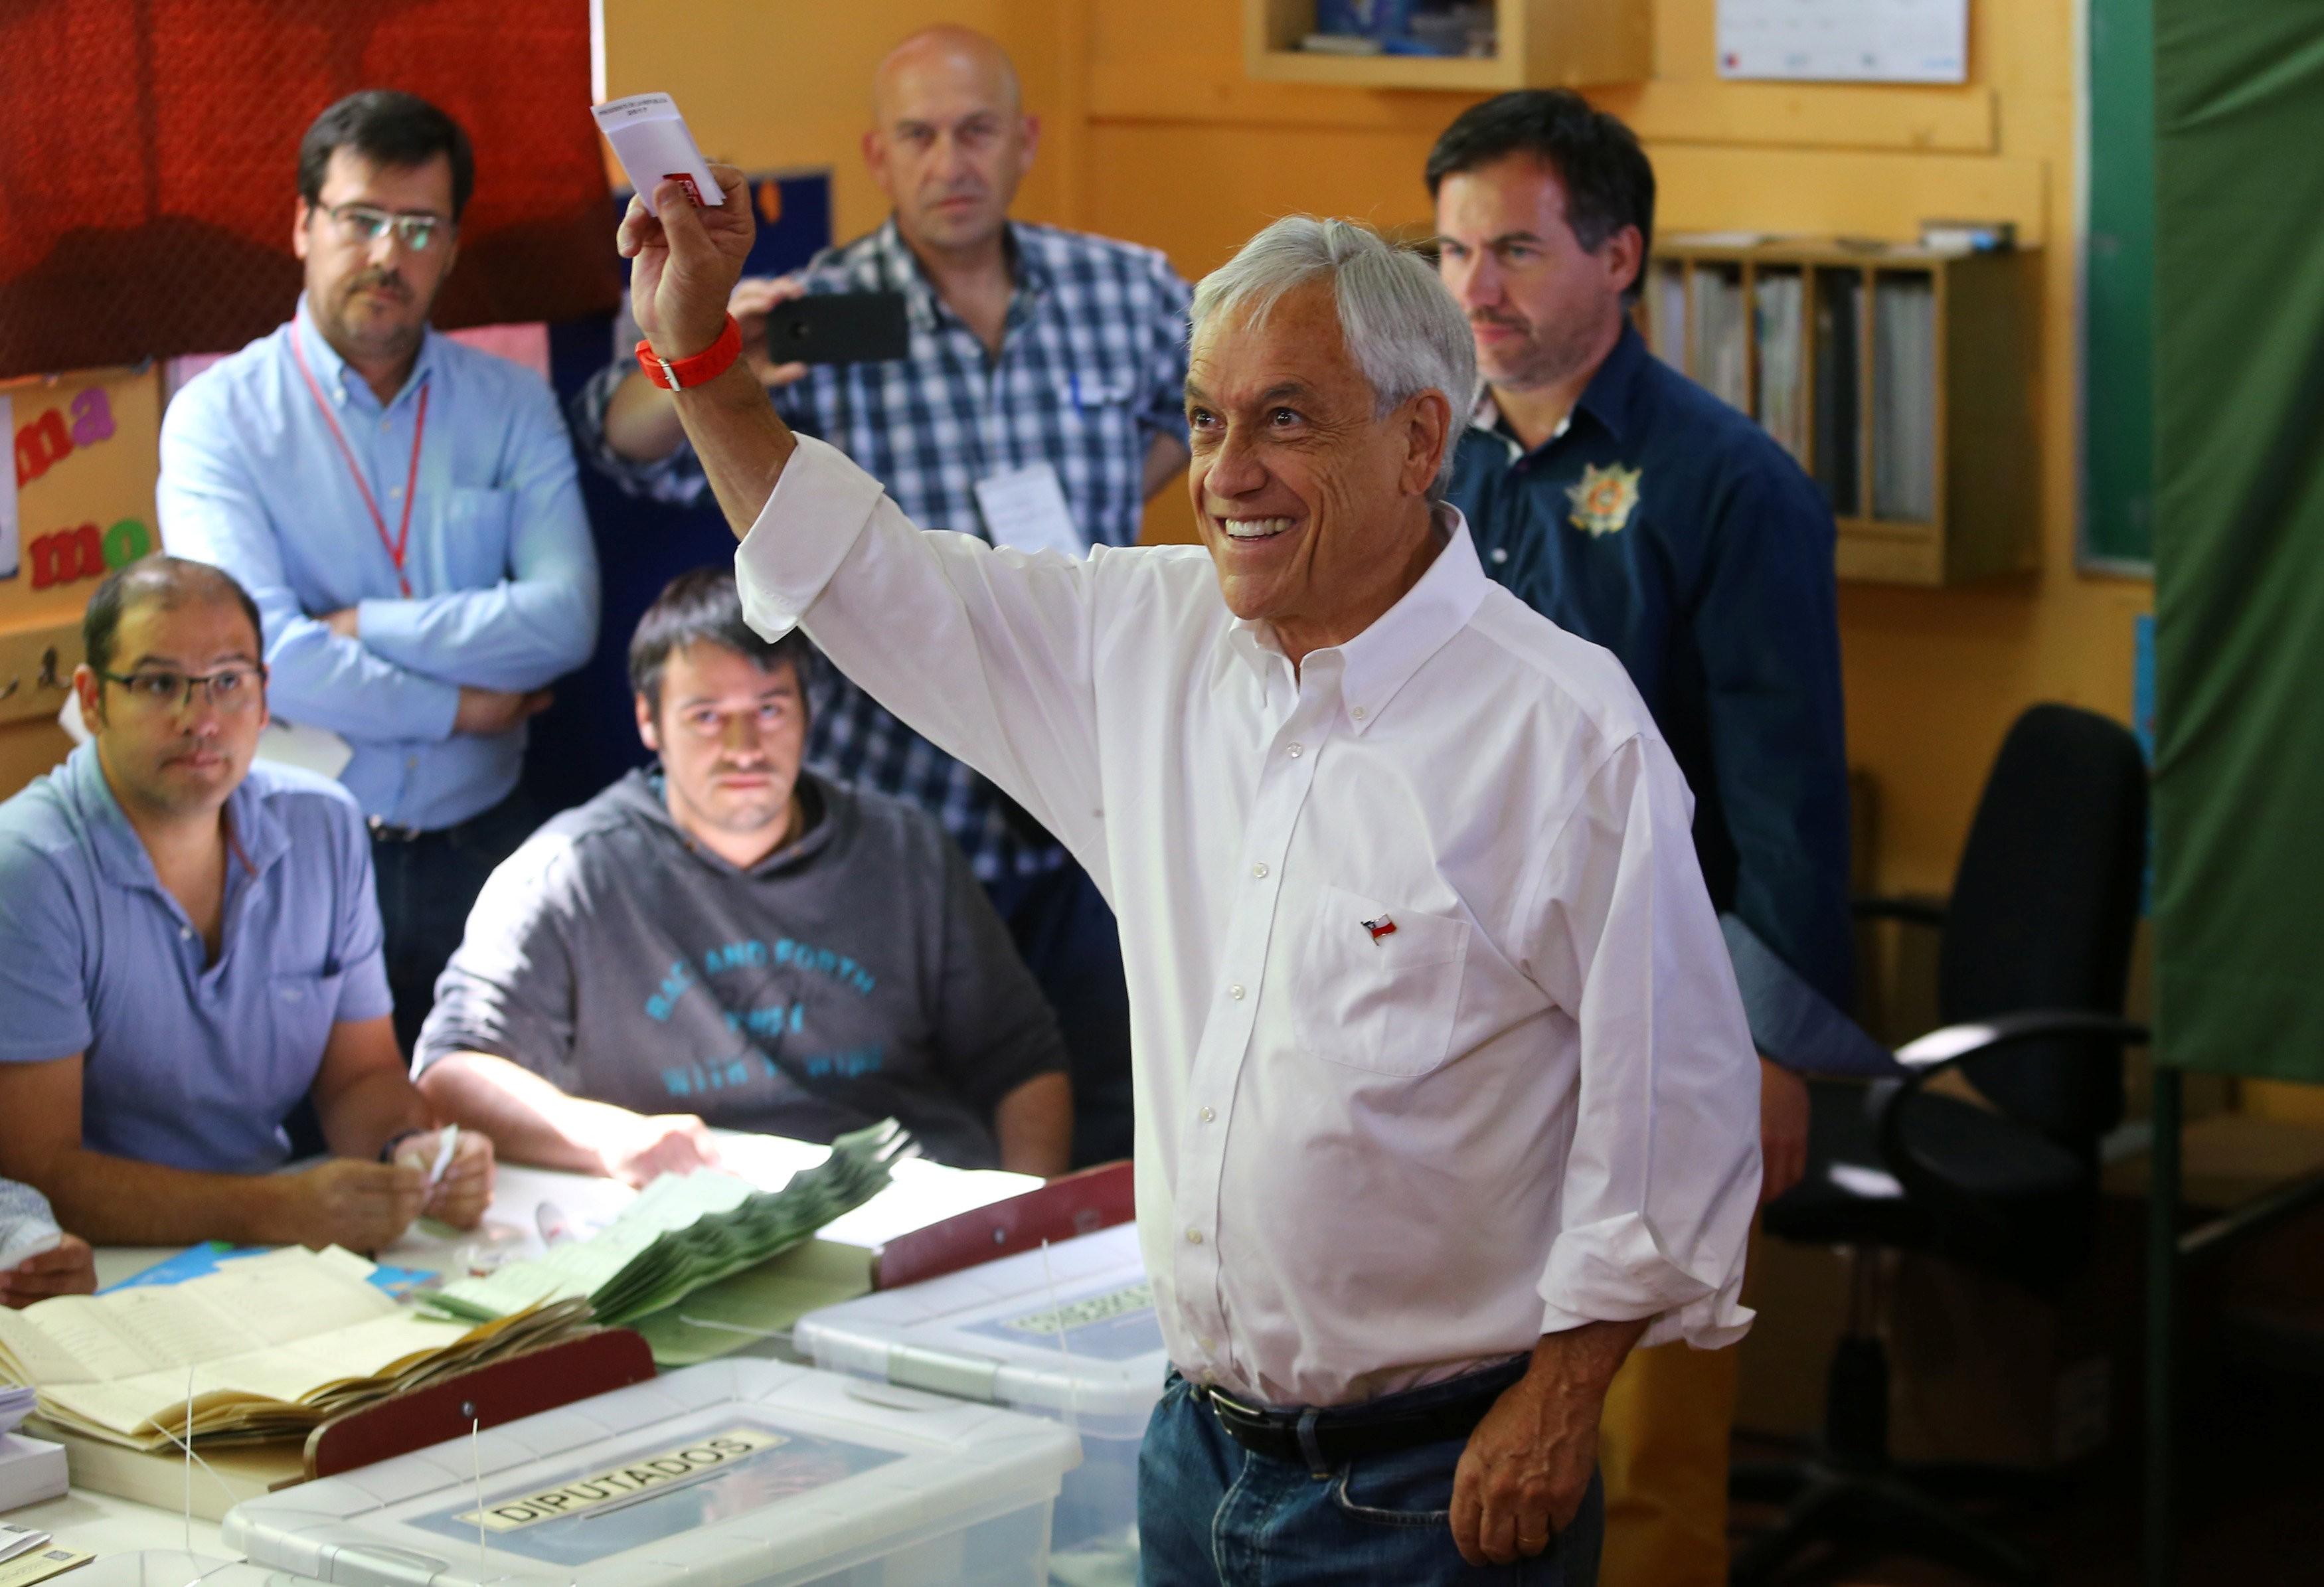 Primeiros resultados no Chile apontam Piñera com 36% e Guillier com 23%